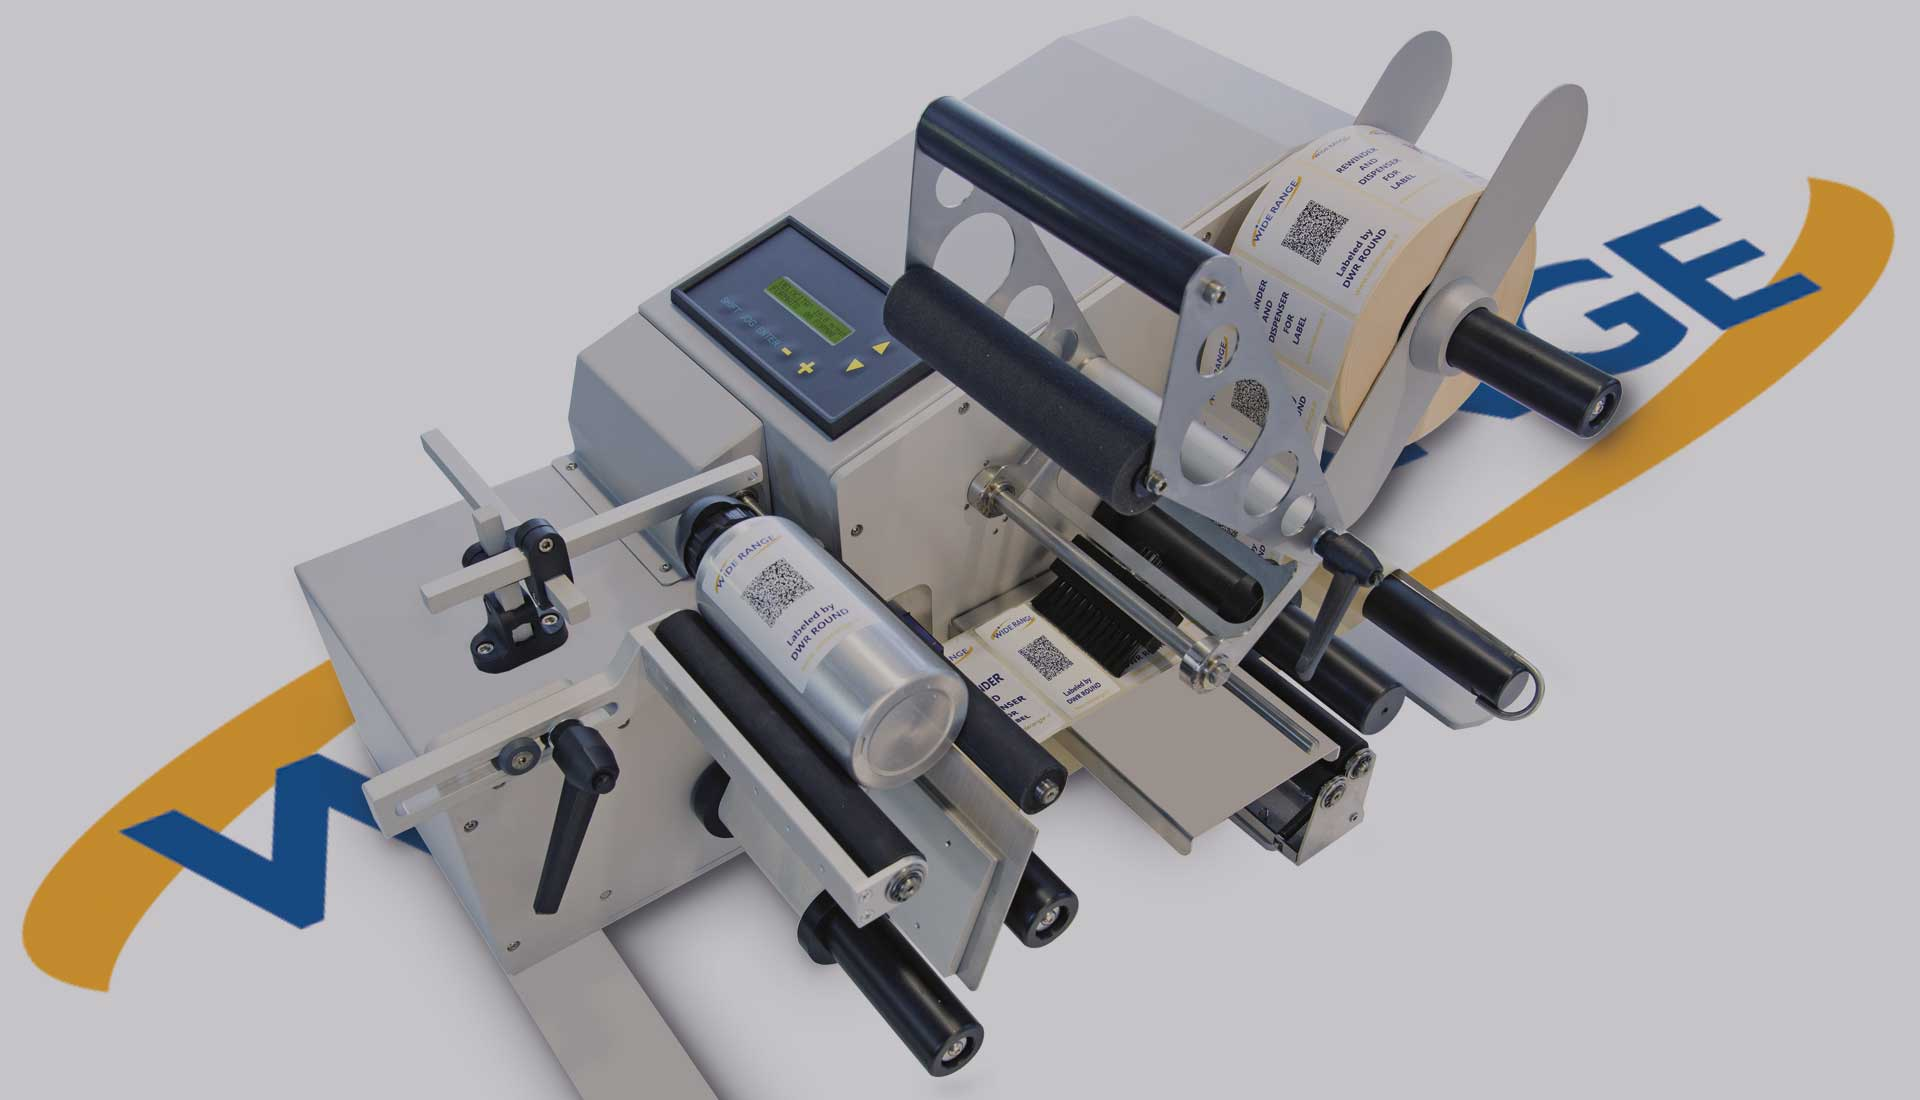 Etichettatrici semiautomatiche per prodotti cilindrici